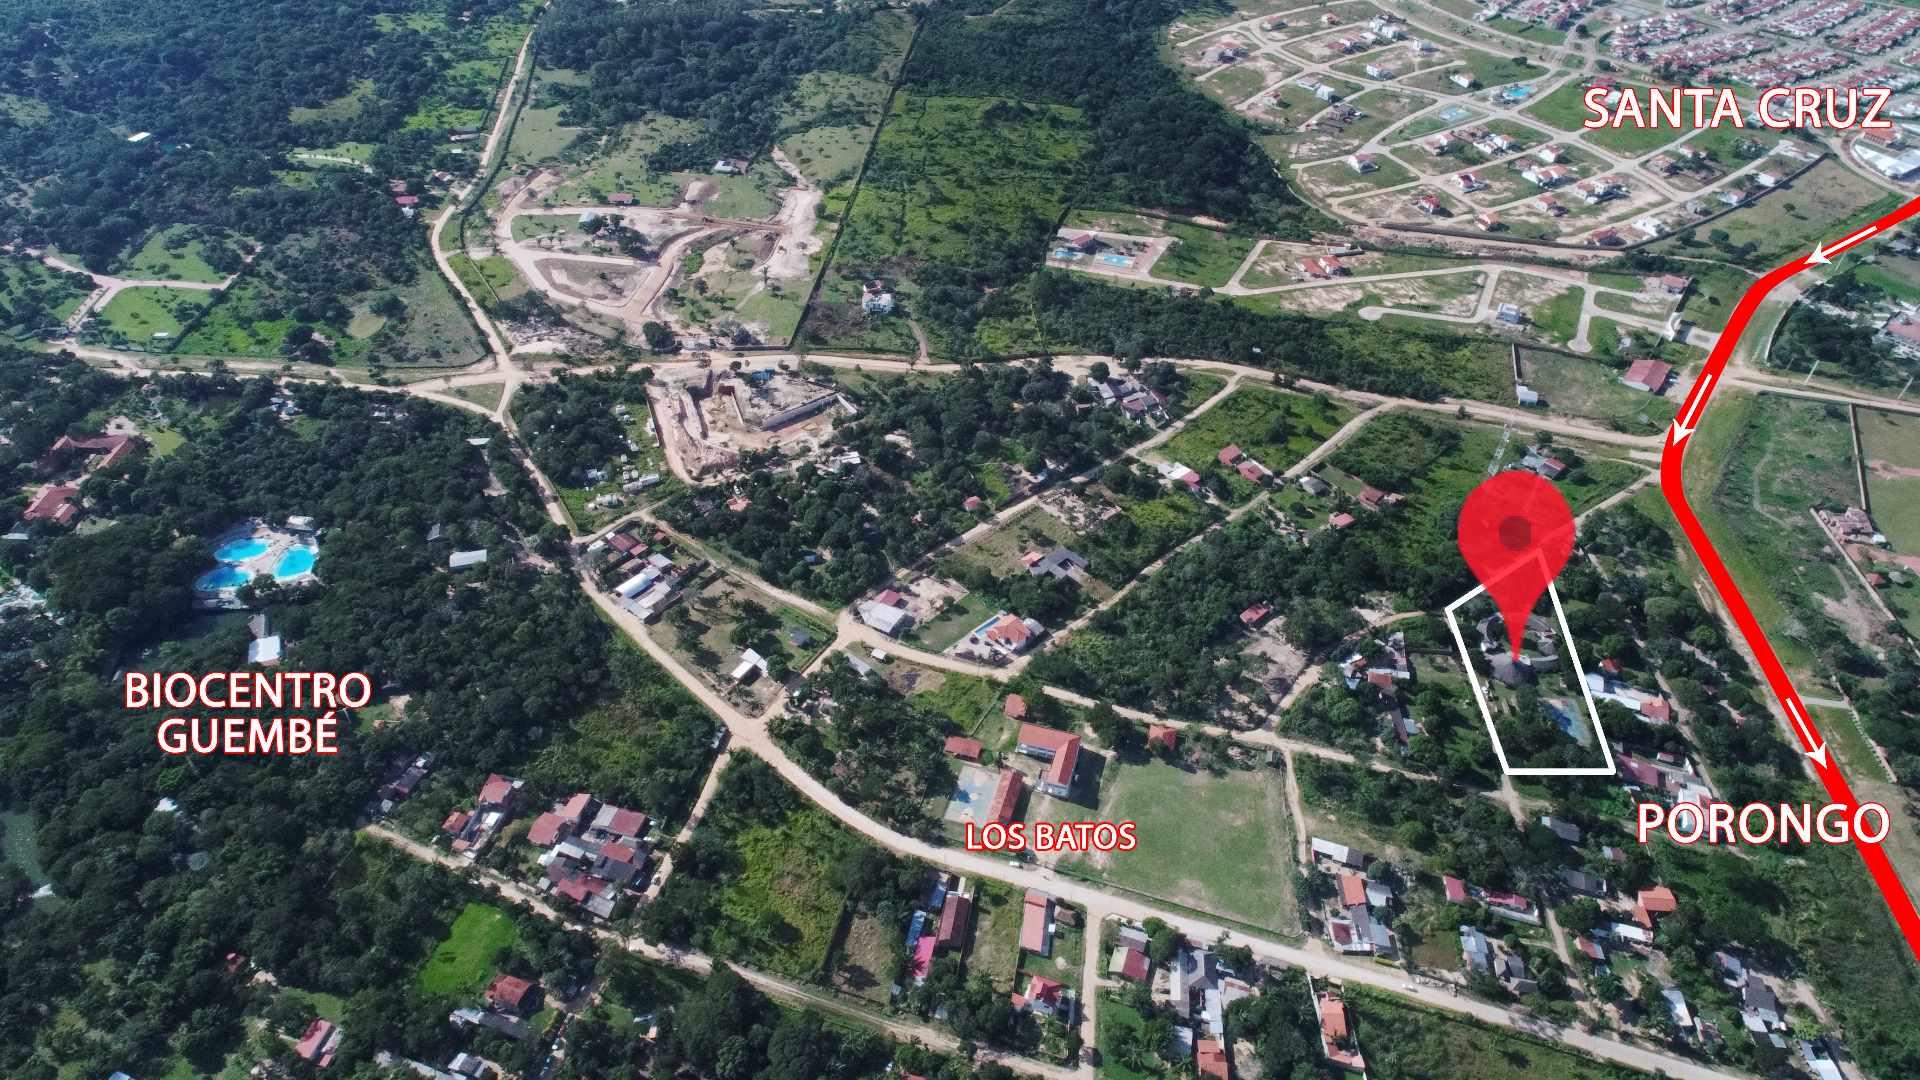 Casa en Venta URUBO.KM 2 A PORONGO - LOS BATOS Foto 10